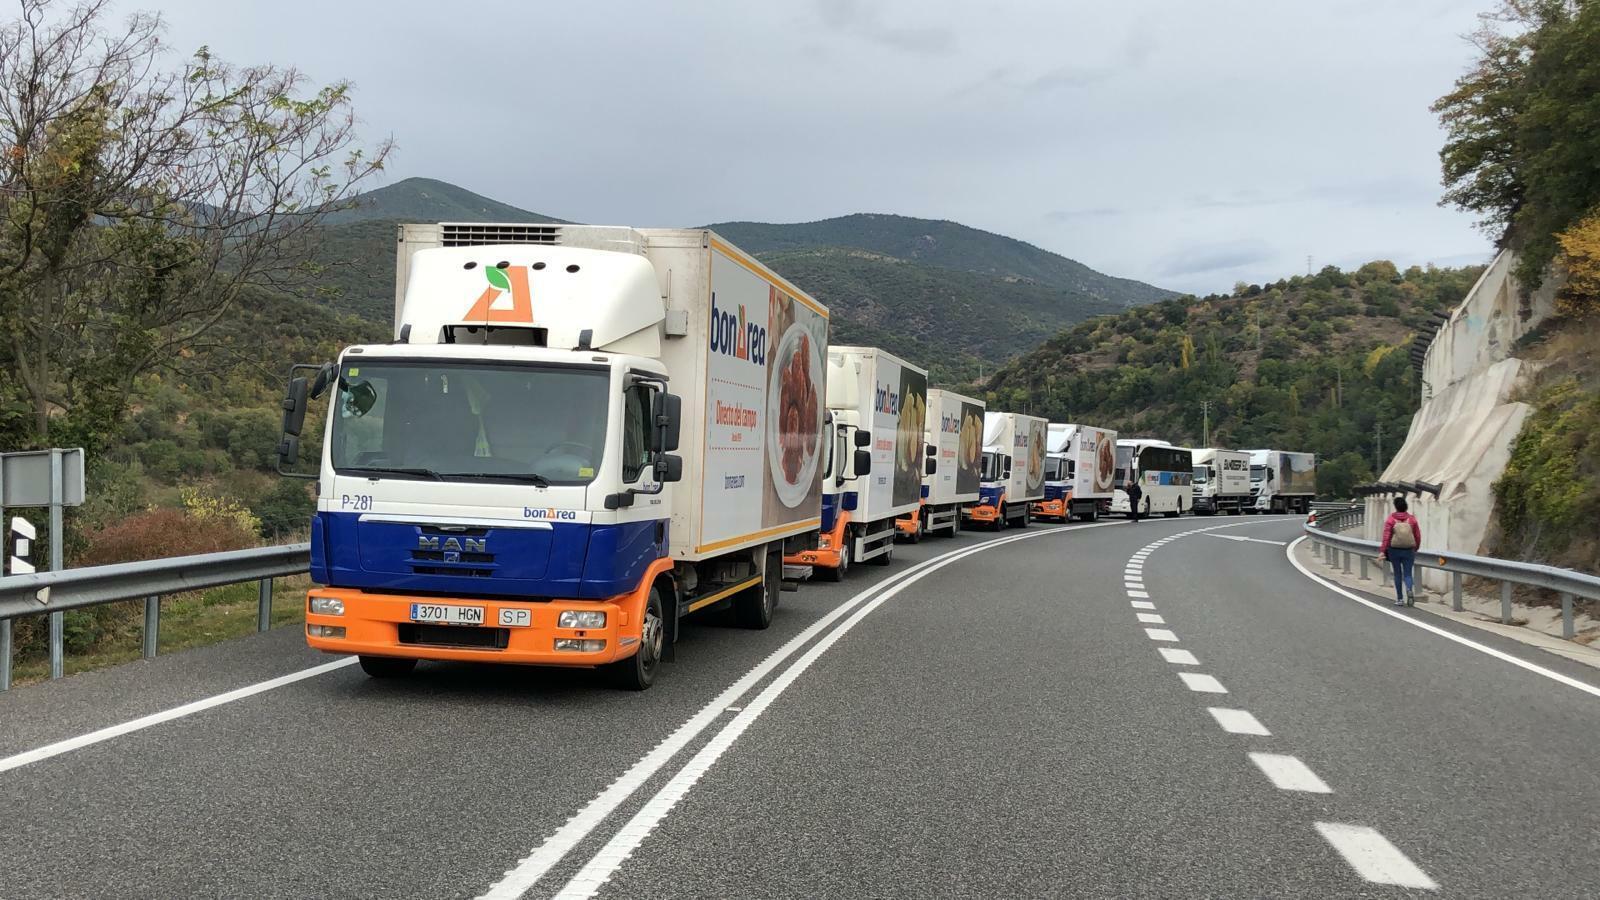 Camions aturats a la N-145. / A. S.